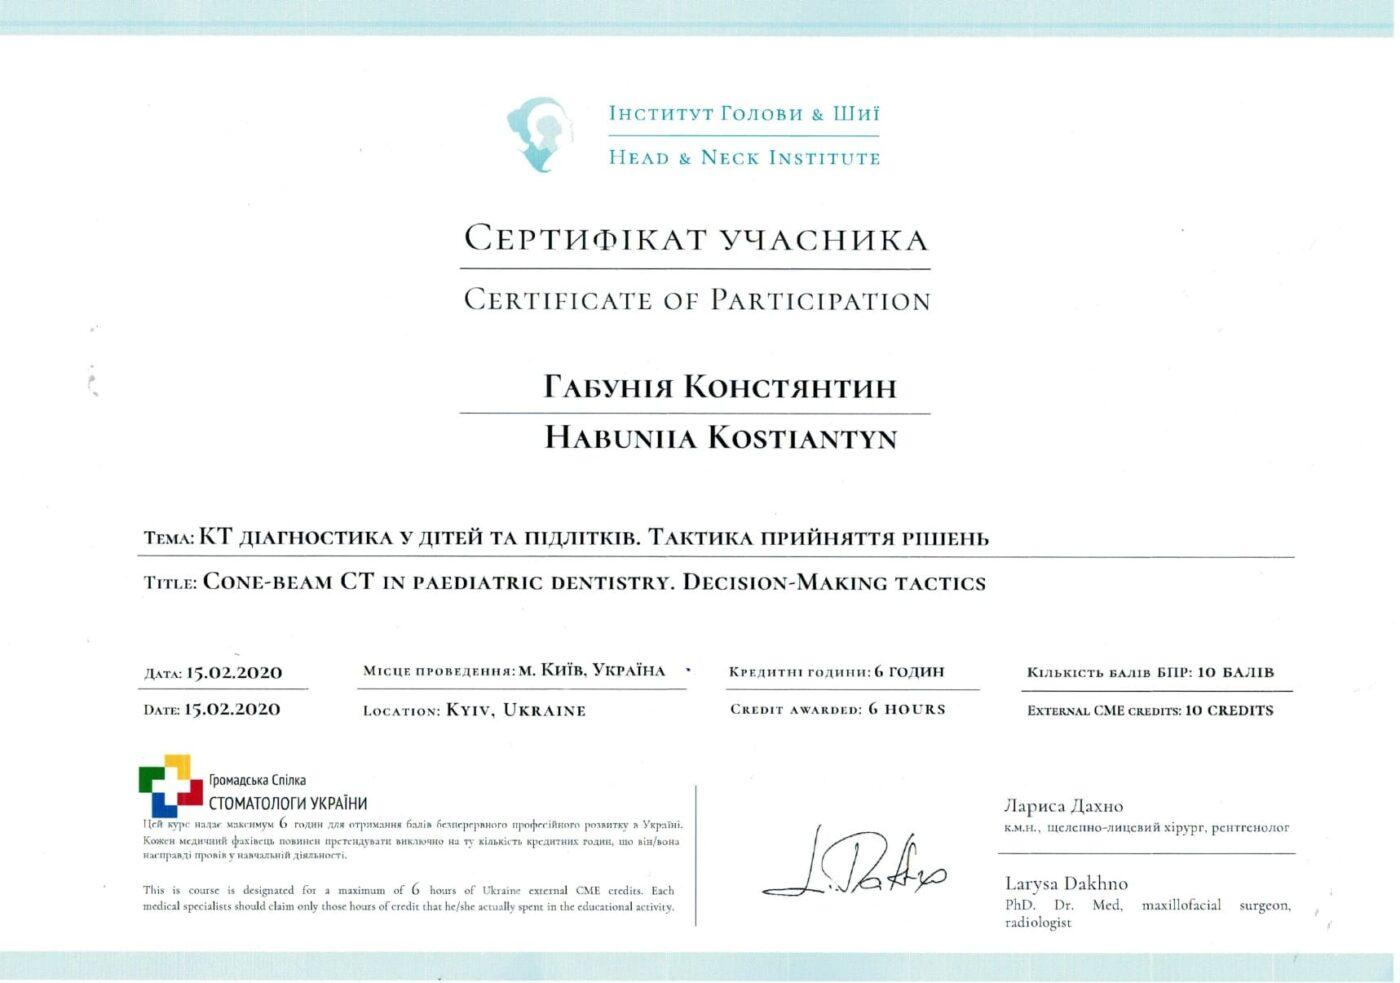 Сертификат подтверждающий участие Константина Габунии в курсе - КТ диагностика у детей и подростков